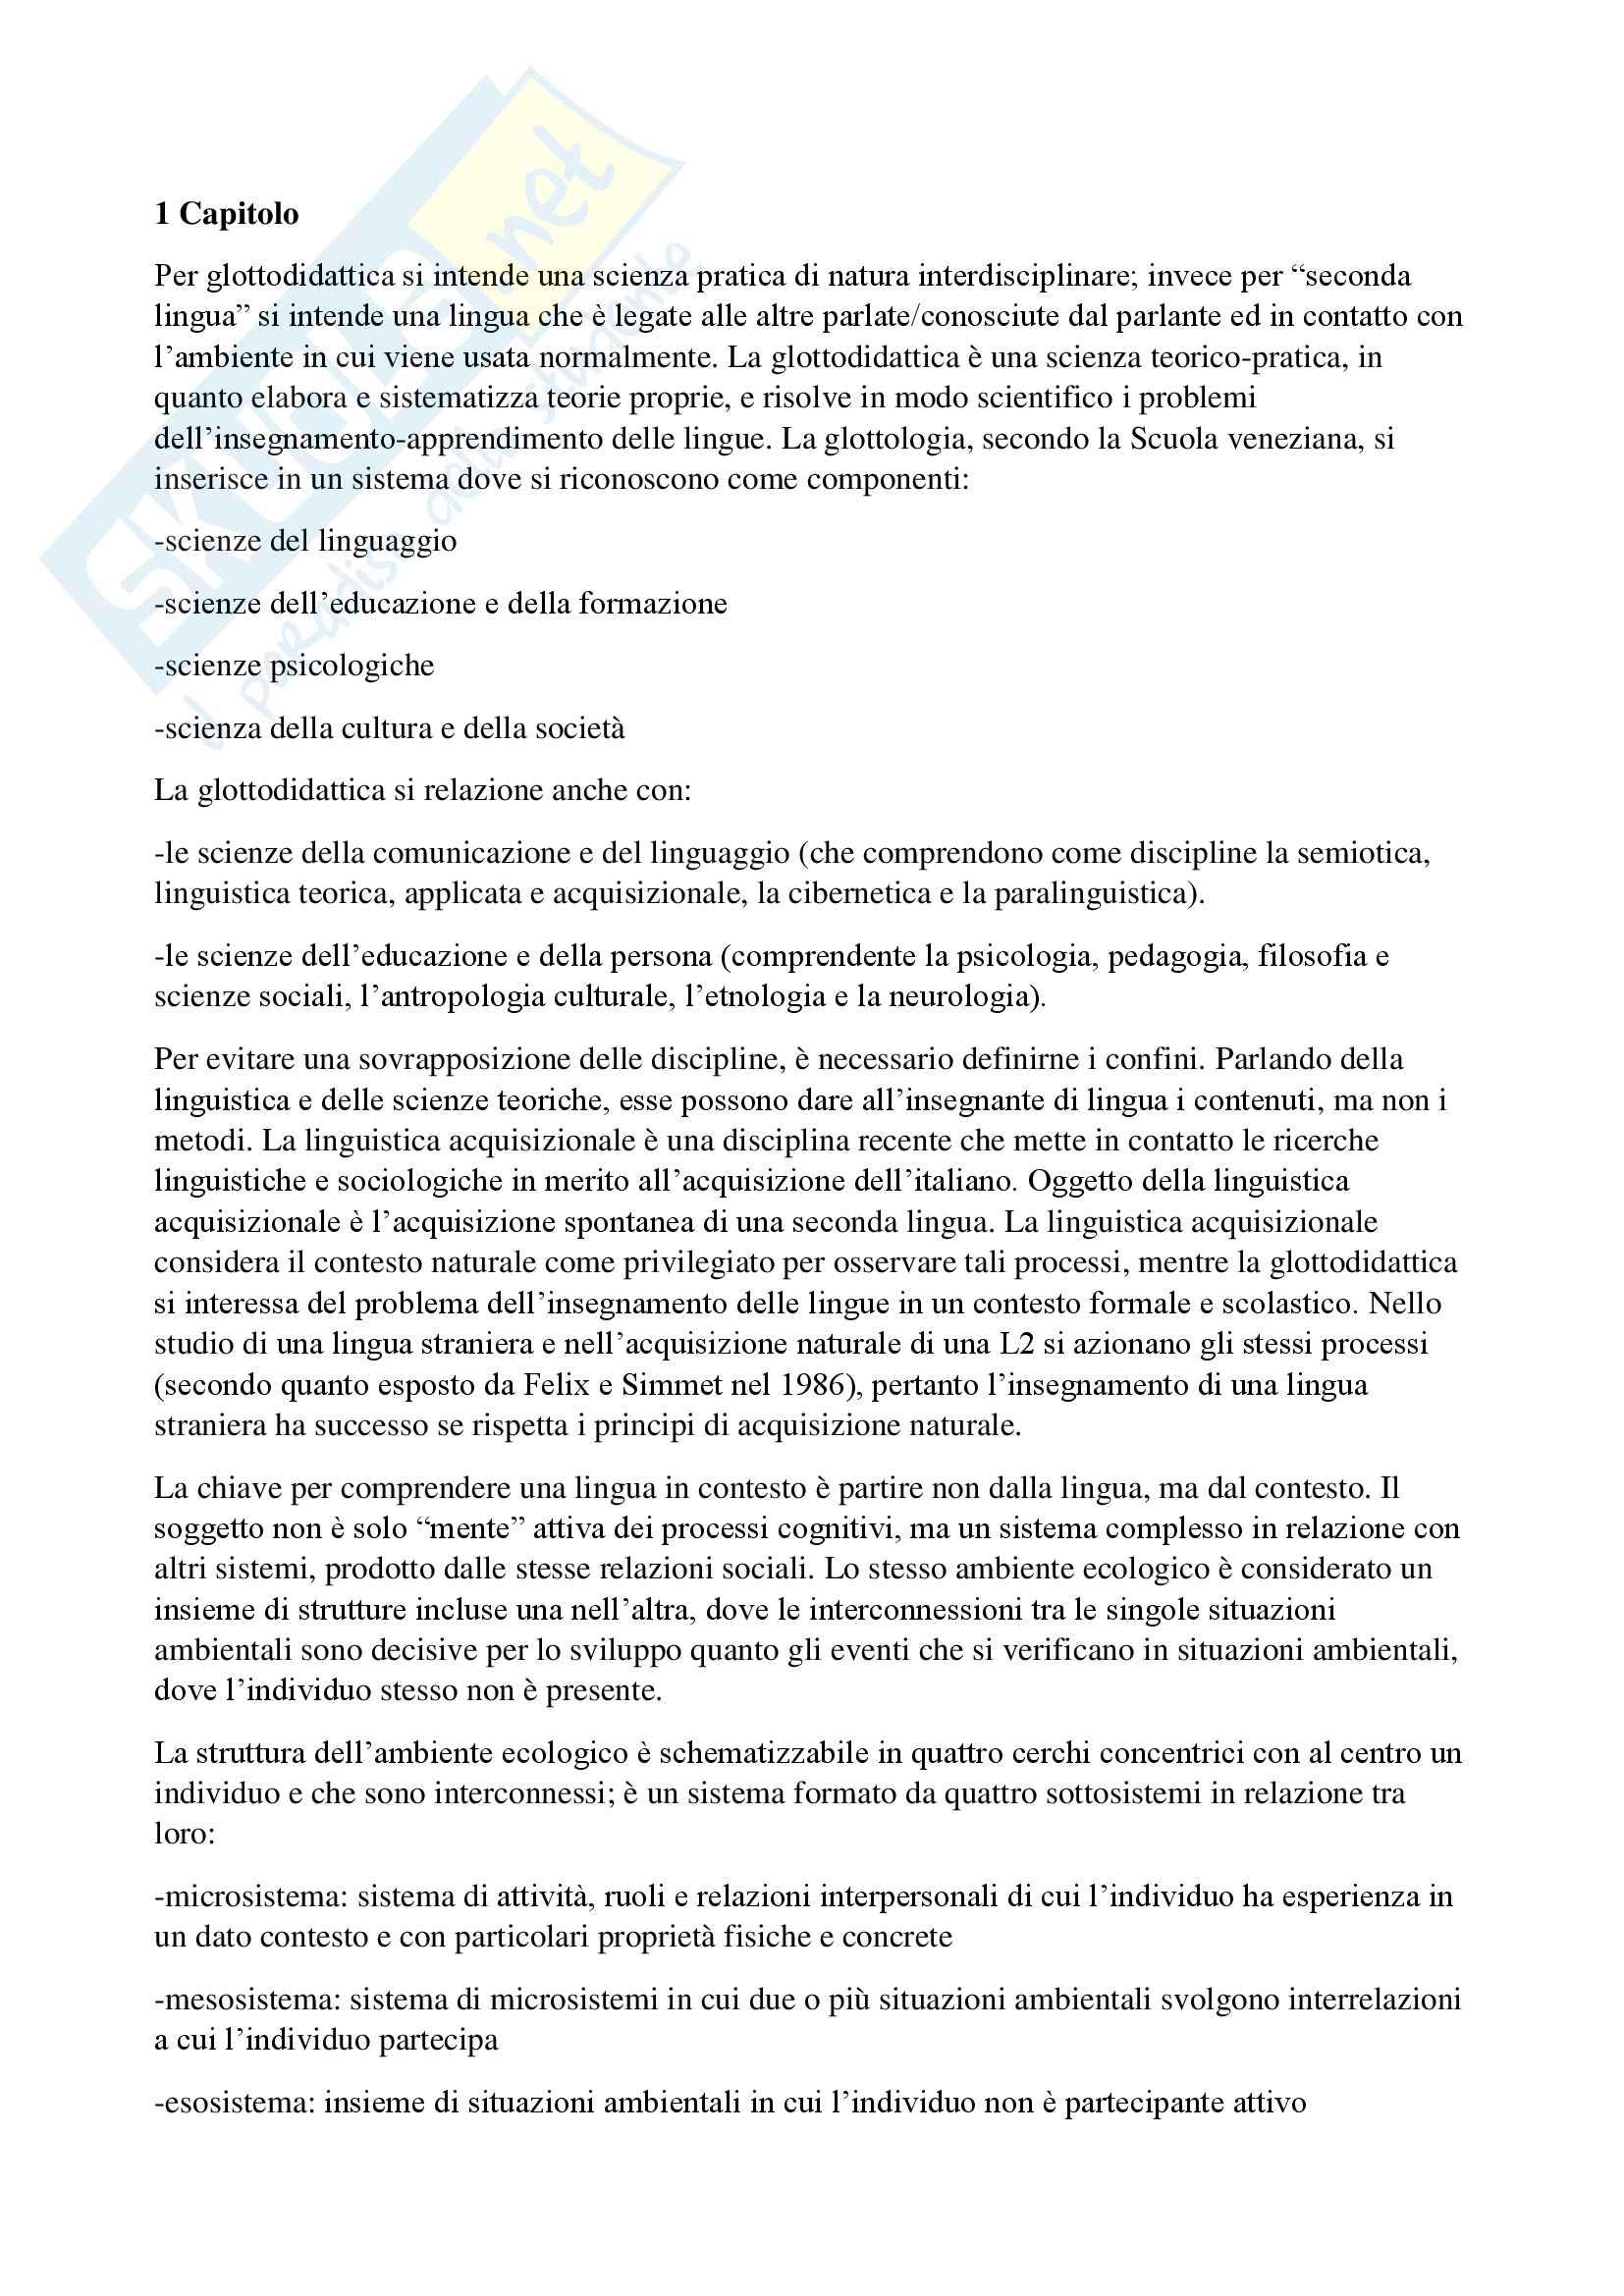 Riassunto per il corso di Didattica della lingua italiana per stranieri, prof.Maria Cecilia Luise, testo consigliato Italiano come lingua seconda. Elementi di didattica di Maria Cecilia Luise.